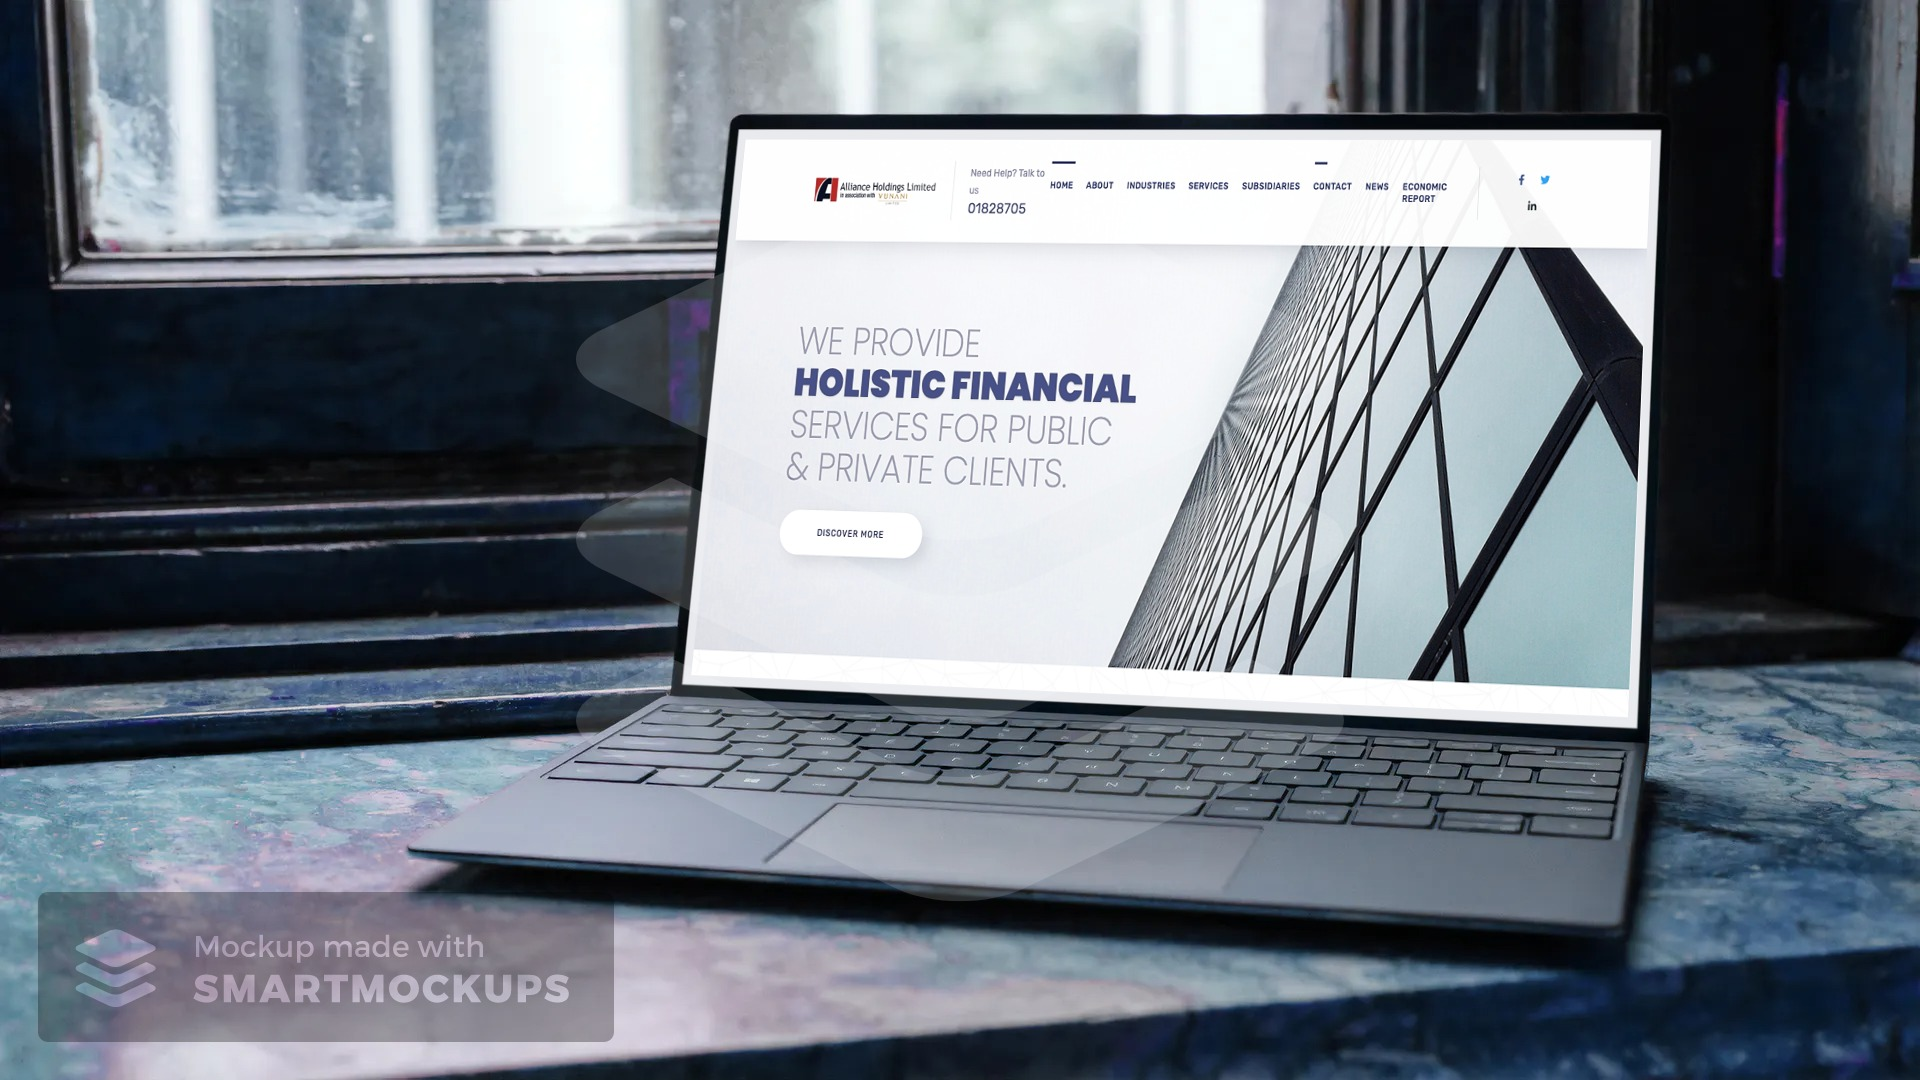 Alliance Holdings Ltd